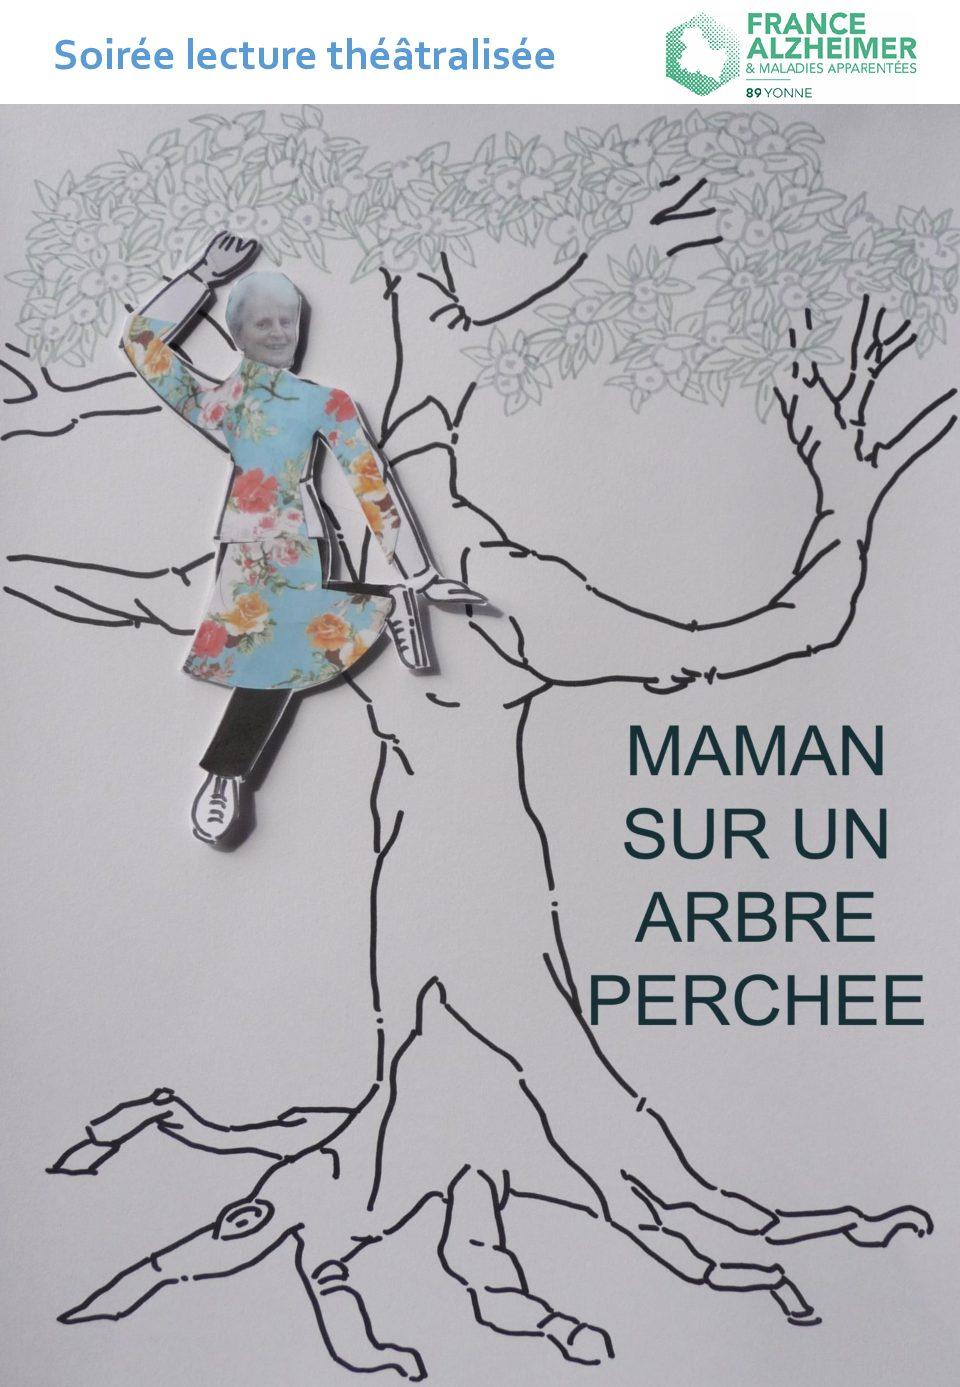 Lecture théâtralisée «Maman sur un arbre perchée»